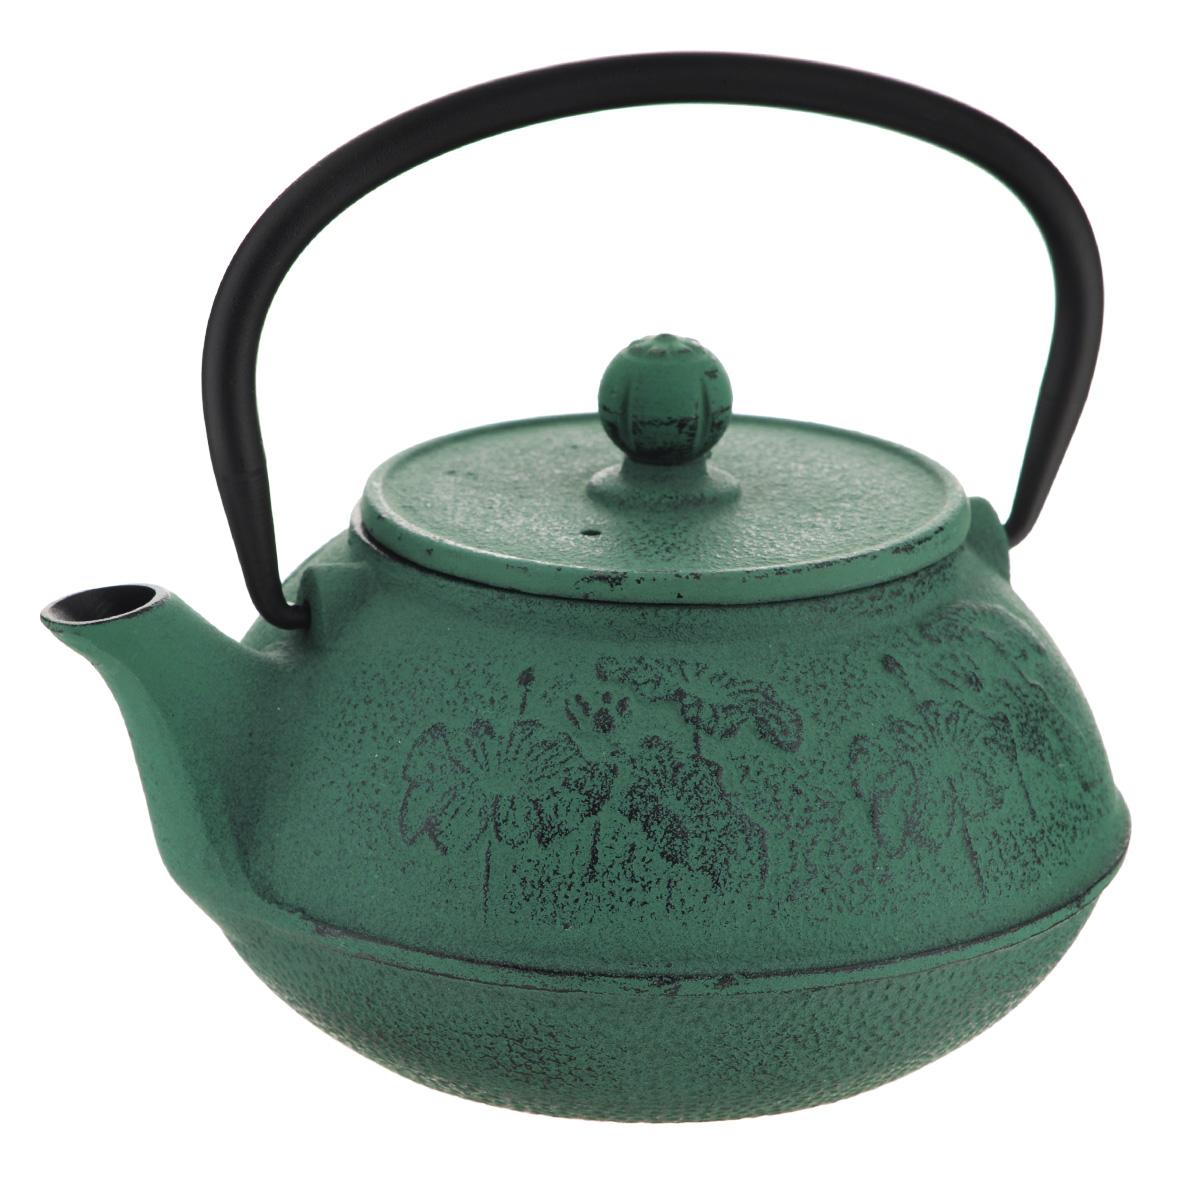 """Чайник заварочный Mayer & Boch """"Маки"""" изготовлен из чугуна - экологически чистого материала, который не тускнеет и не деформируется и декорирован рельефом в форме цветов. Он долговечен и устойчив к воздействию высоких температур. Внешнее покрытие кремнийорганический термостойкий лак. Главное достоинство чугунного чайника - способность длительно сохранять тепло, чай в таком чайнике сохраняет свой вкус и свежий аромат долгое время. Чайник оснащен прочной металлической ручкой. В комплекте - ситечко из нержавеющей стали, которое задерживает чаинки и предотвращает их попадание в чашку.  Восточный стиль, приятная цветовая гамма и оптимальный объем делают чайник """"Mayer & Boch"""" удобным и оригинальным аксессуаром, который прекрасно подойдет как для ежедневного использования, так и для специальной чайной церемонии.   Высота чайника (без учета крышки и ручки): 8,5 см. Диаметр чайника (по верхнему краю): 9 см. Диаметр основания чайника: 10 см. Размер ситечка: 8,5 см х 8,5 см х 6 см."""